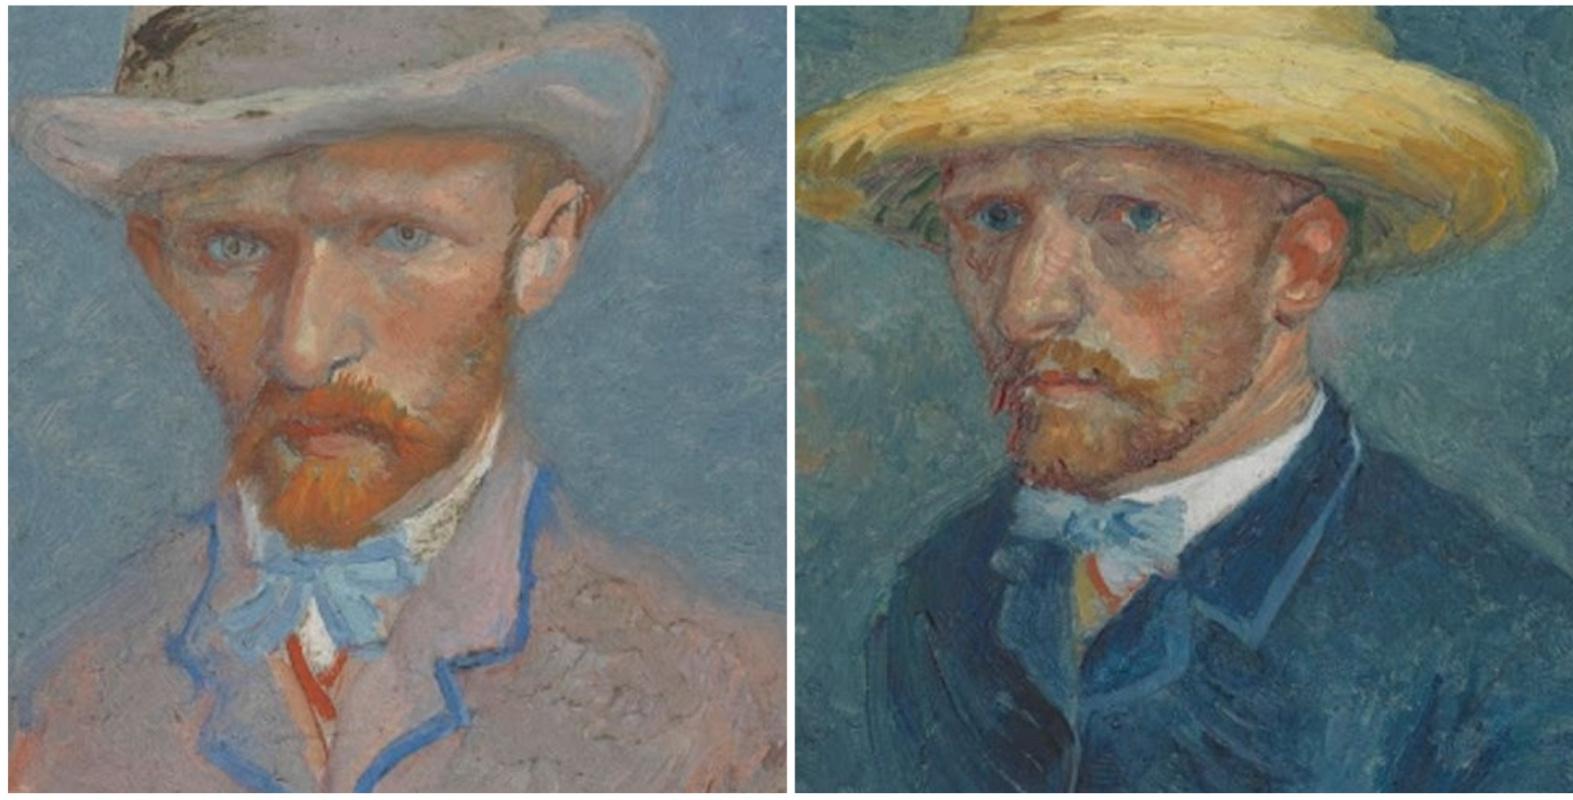 Всё дело в шляпах: учёный утверждает, что музей путает портреты двух Ван Гогов